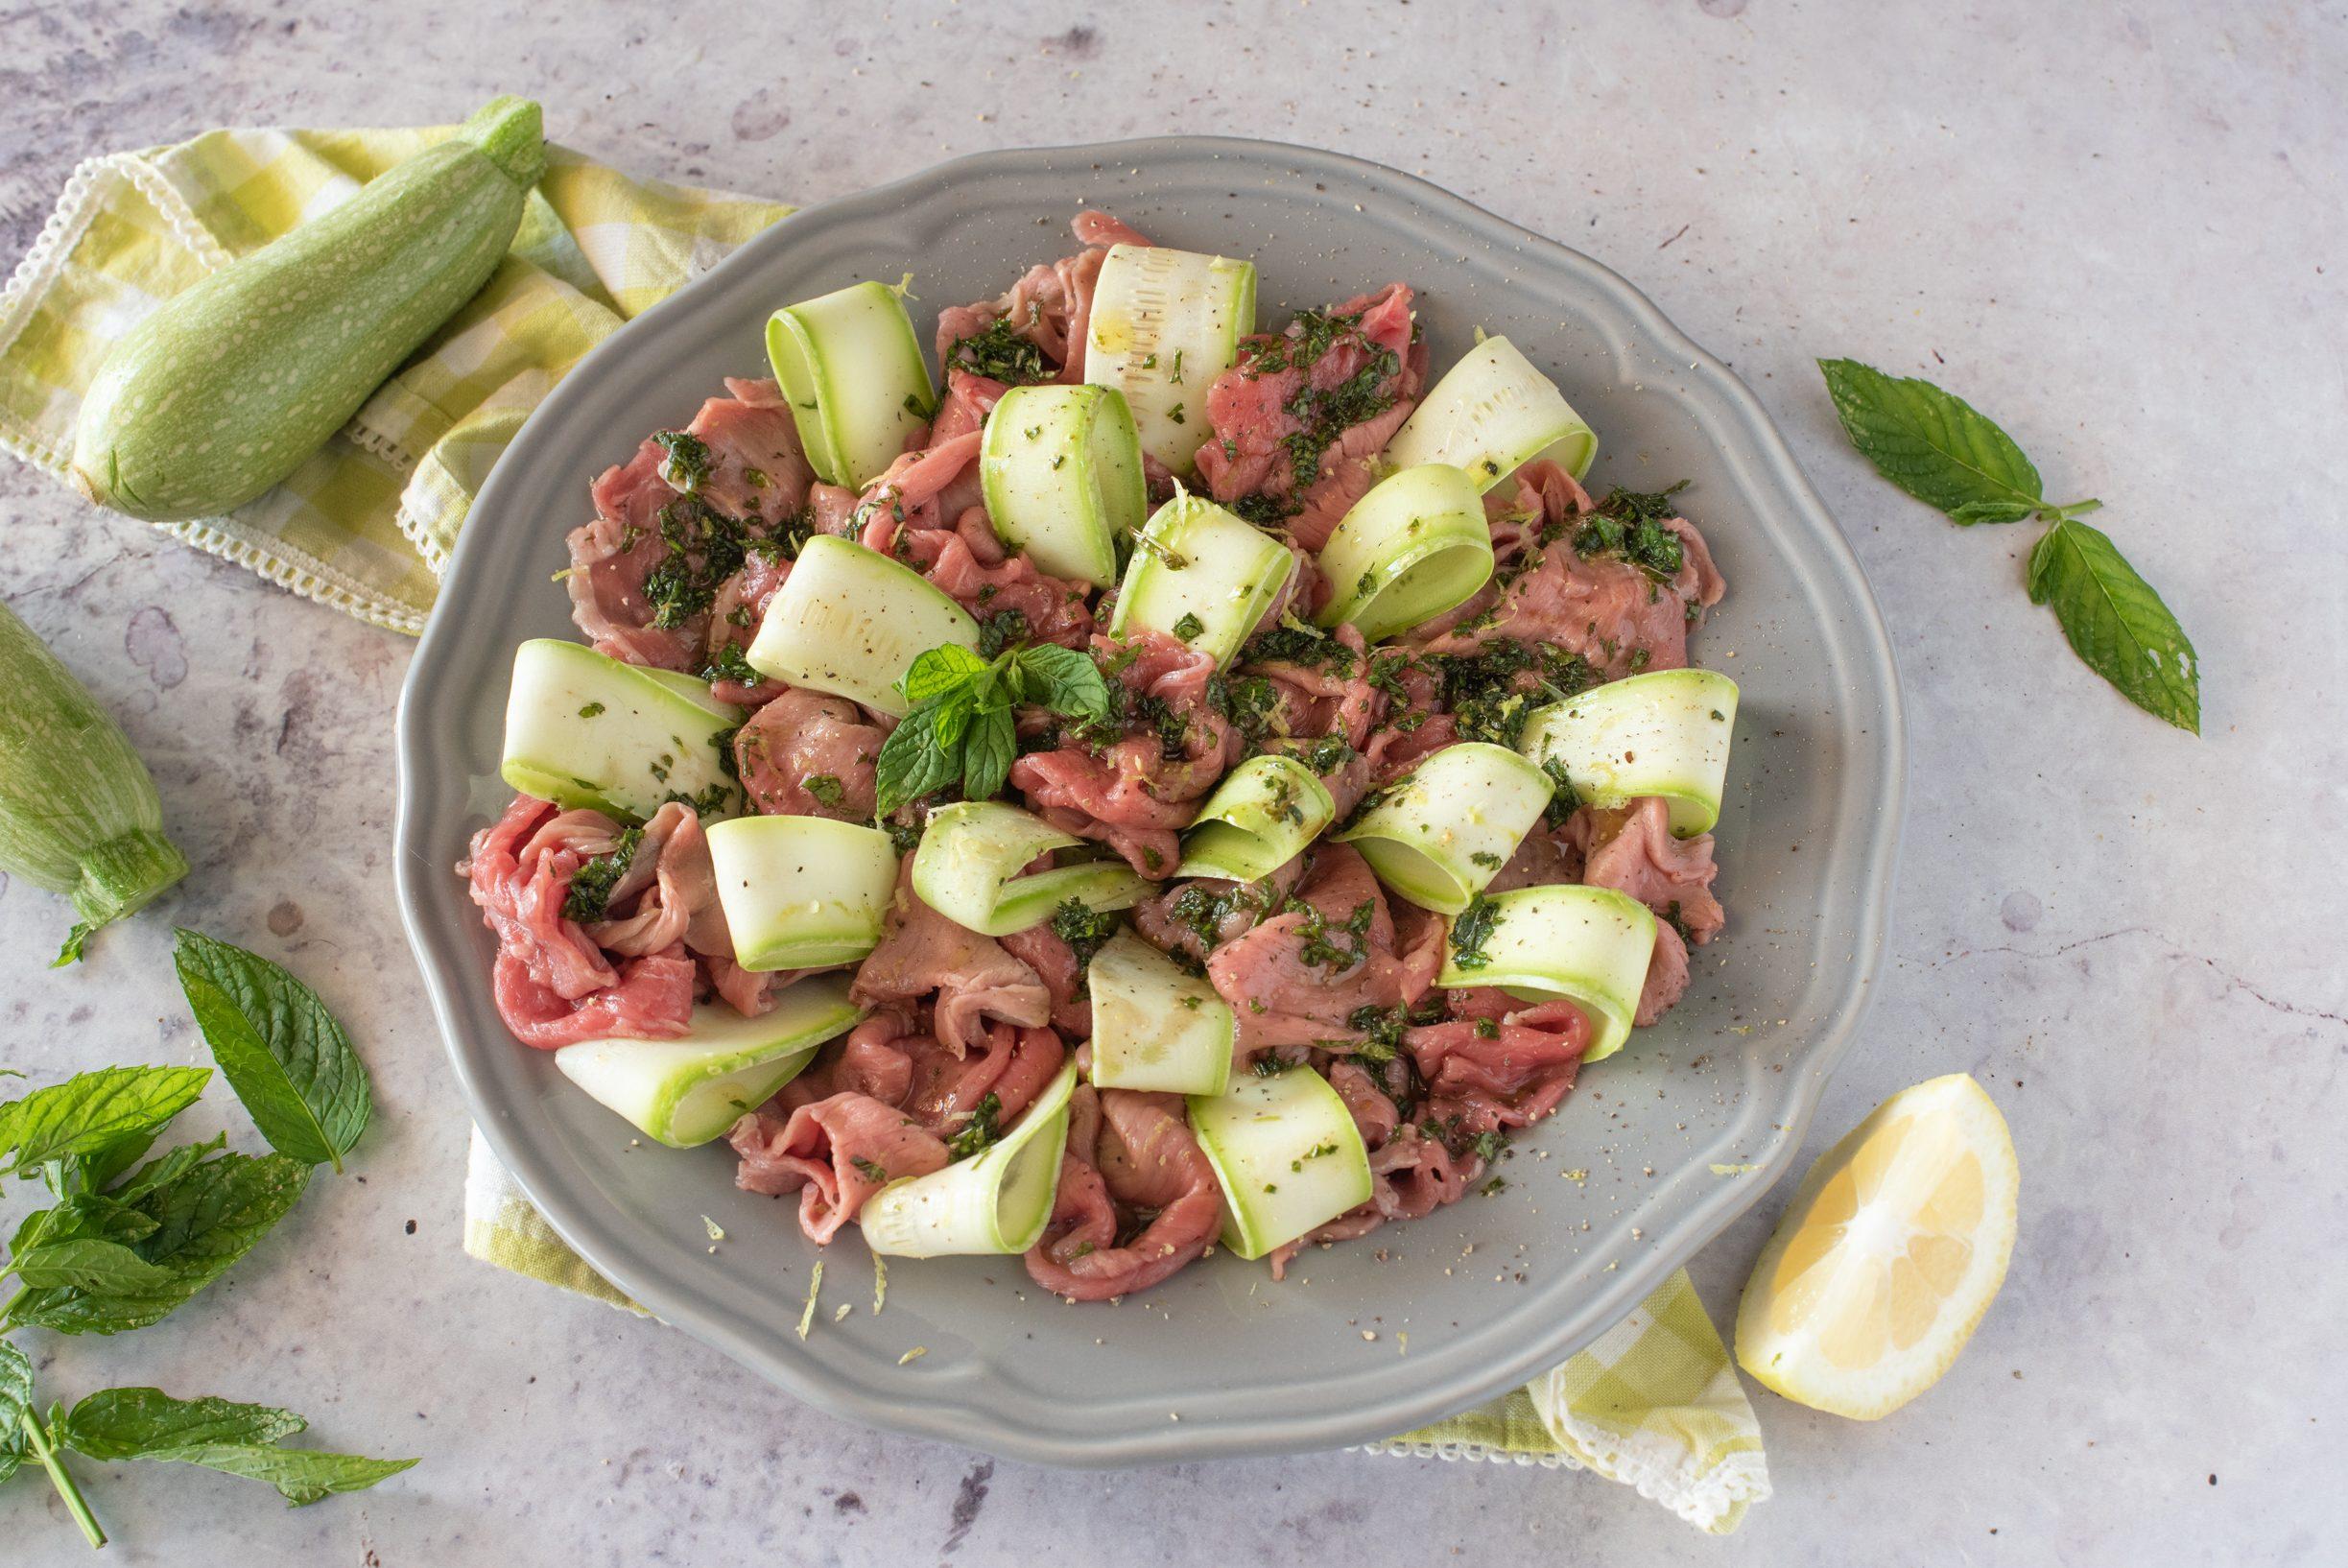 Carpaccio di manzo con zucchine e menta: la ricetta del piatto estivo raffinato e leggero